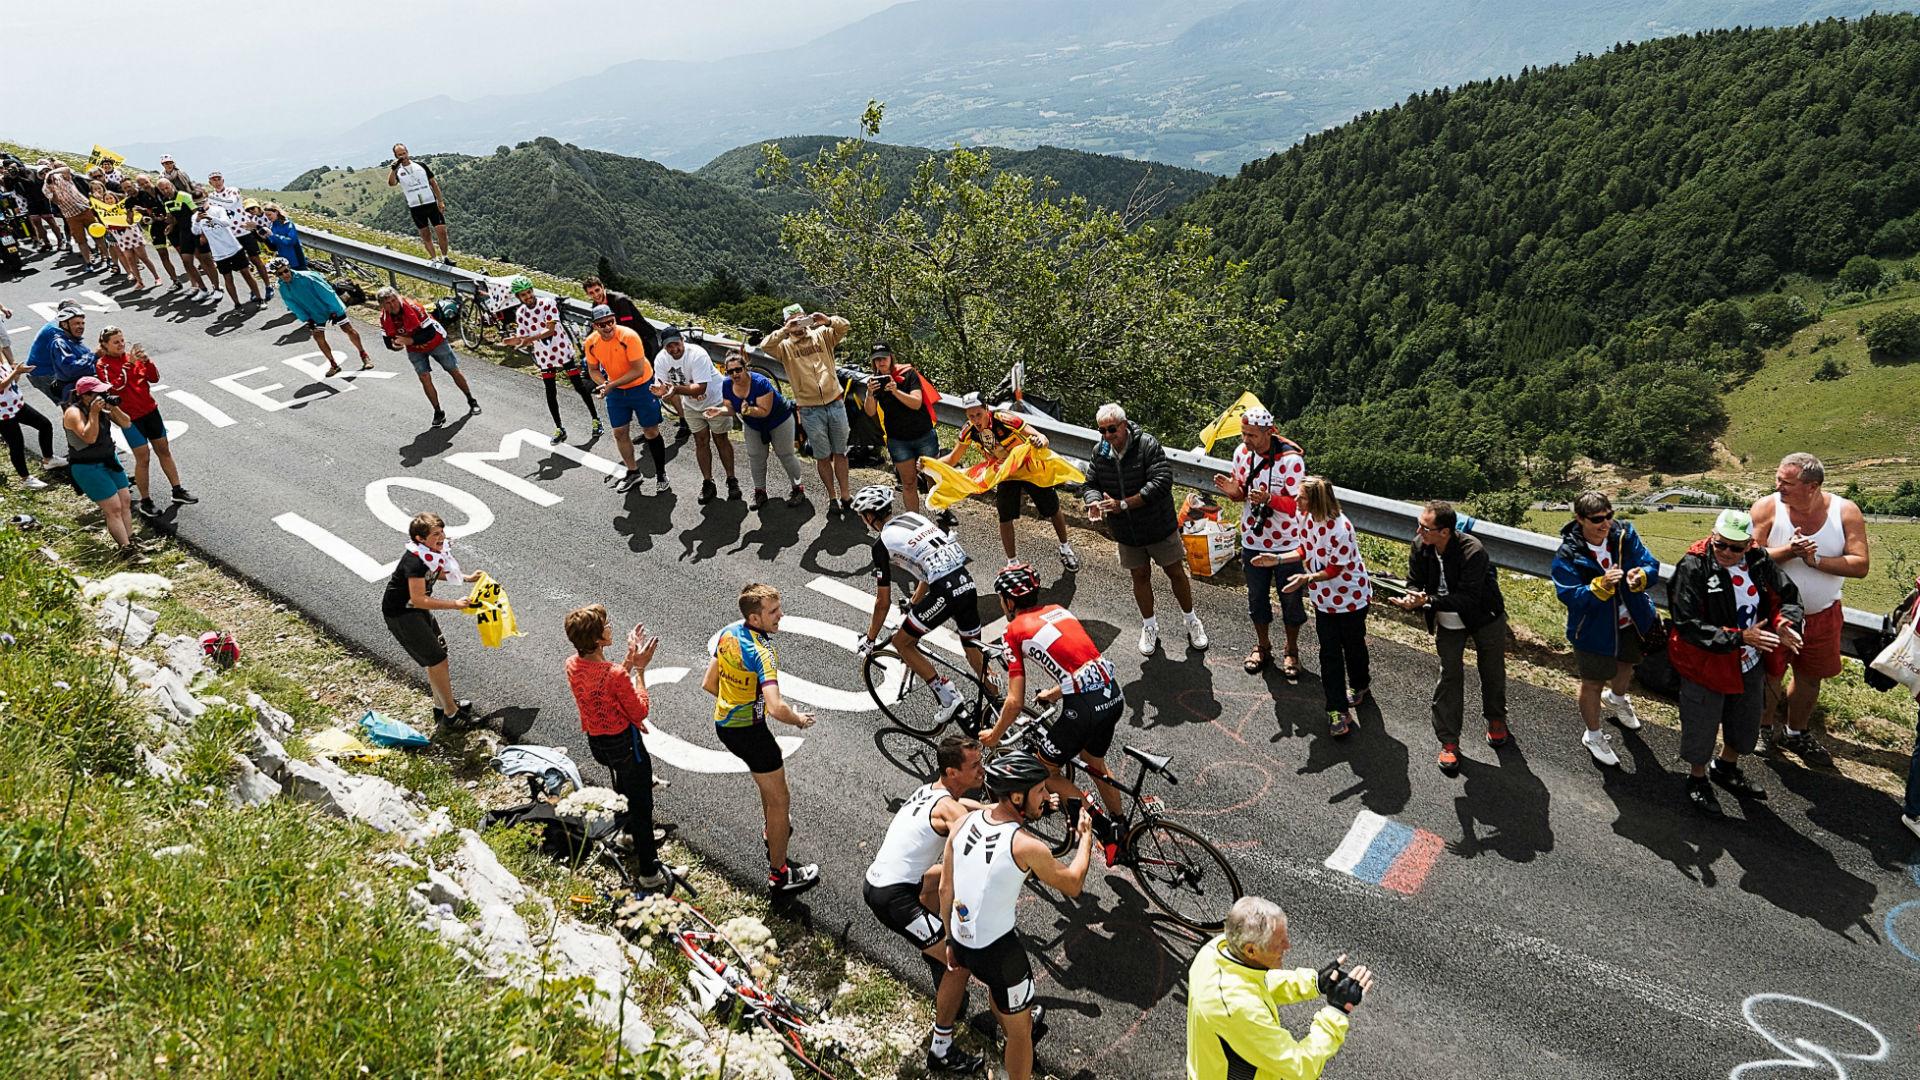 Mountains dominate 2020 Tour de France route